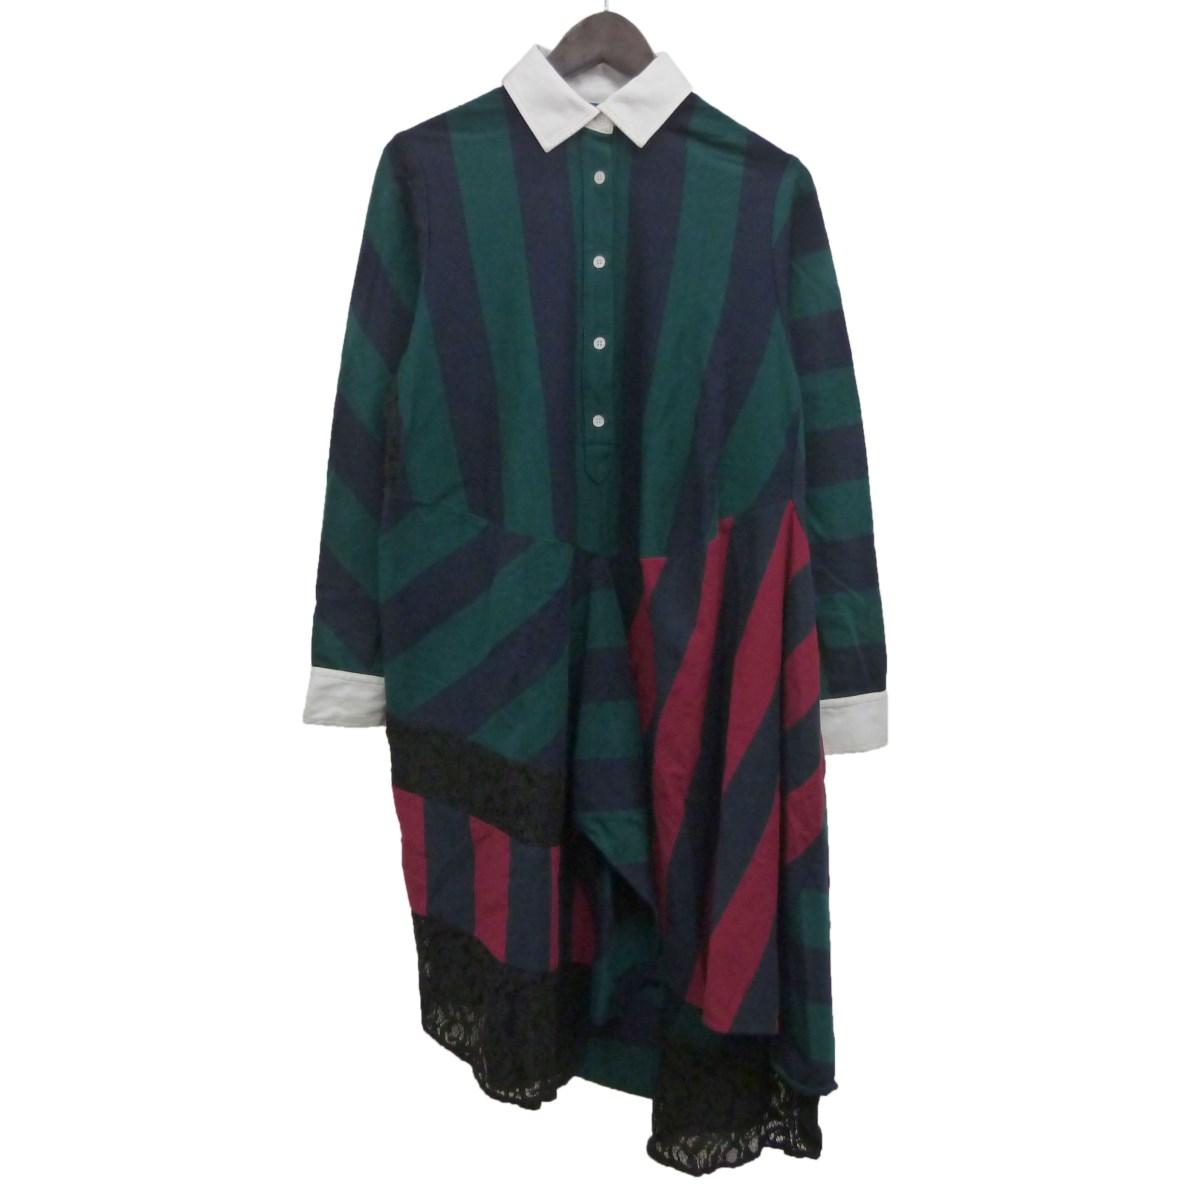 【中古】KOCHE「Oversized Polo Dress」オーバーサイズポロドレス グリーン サイズ:34